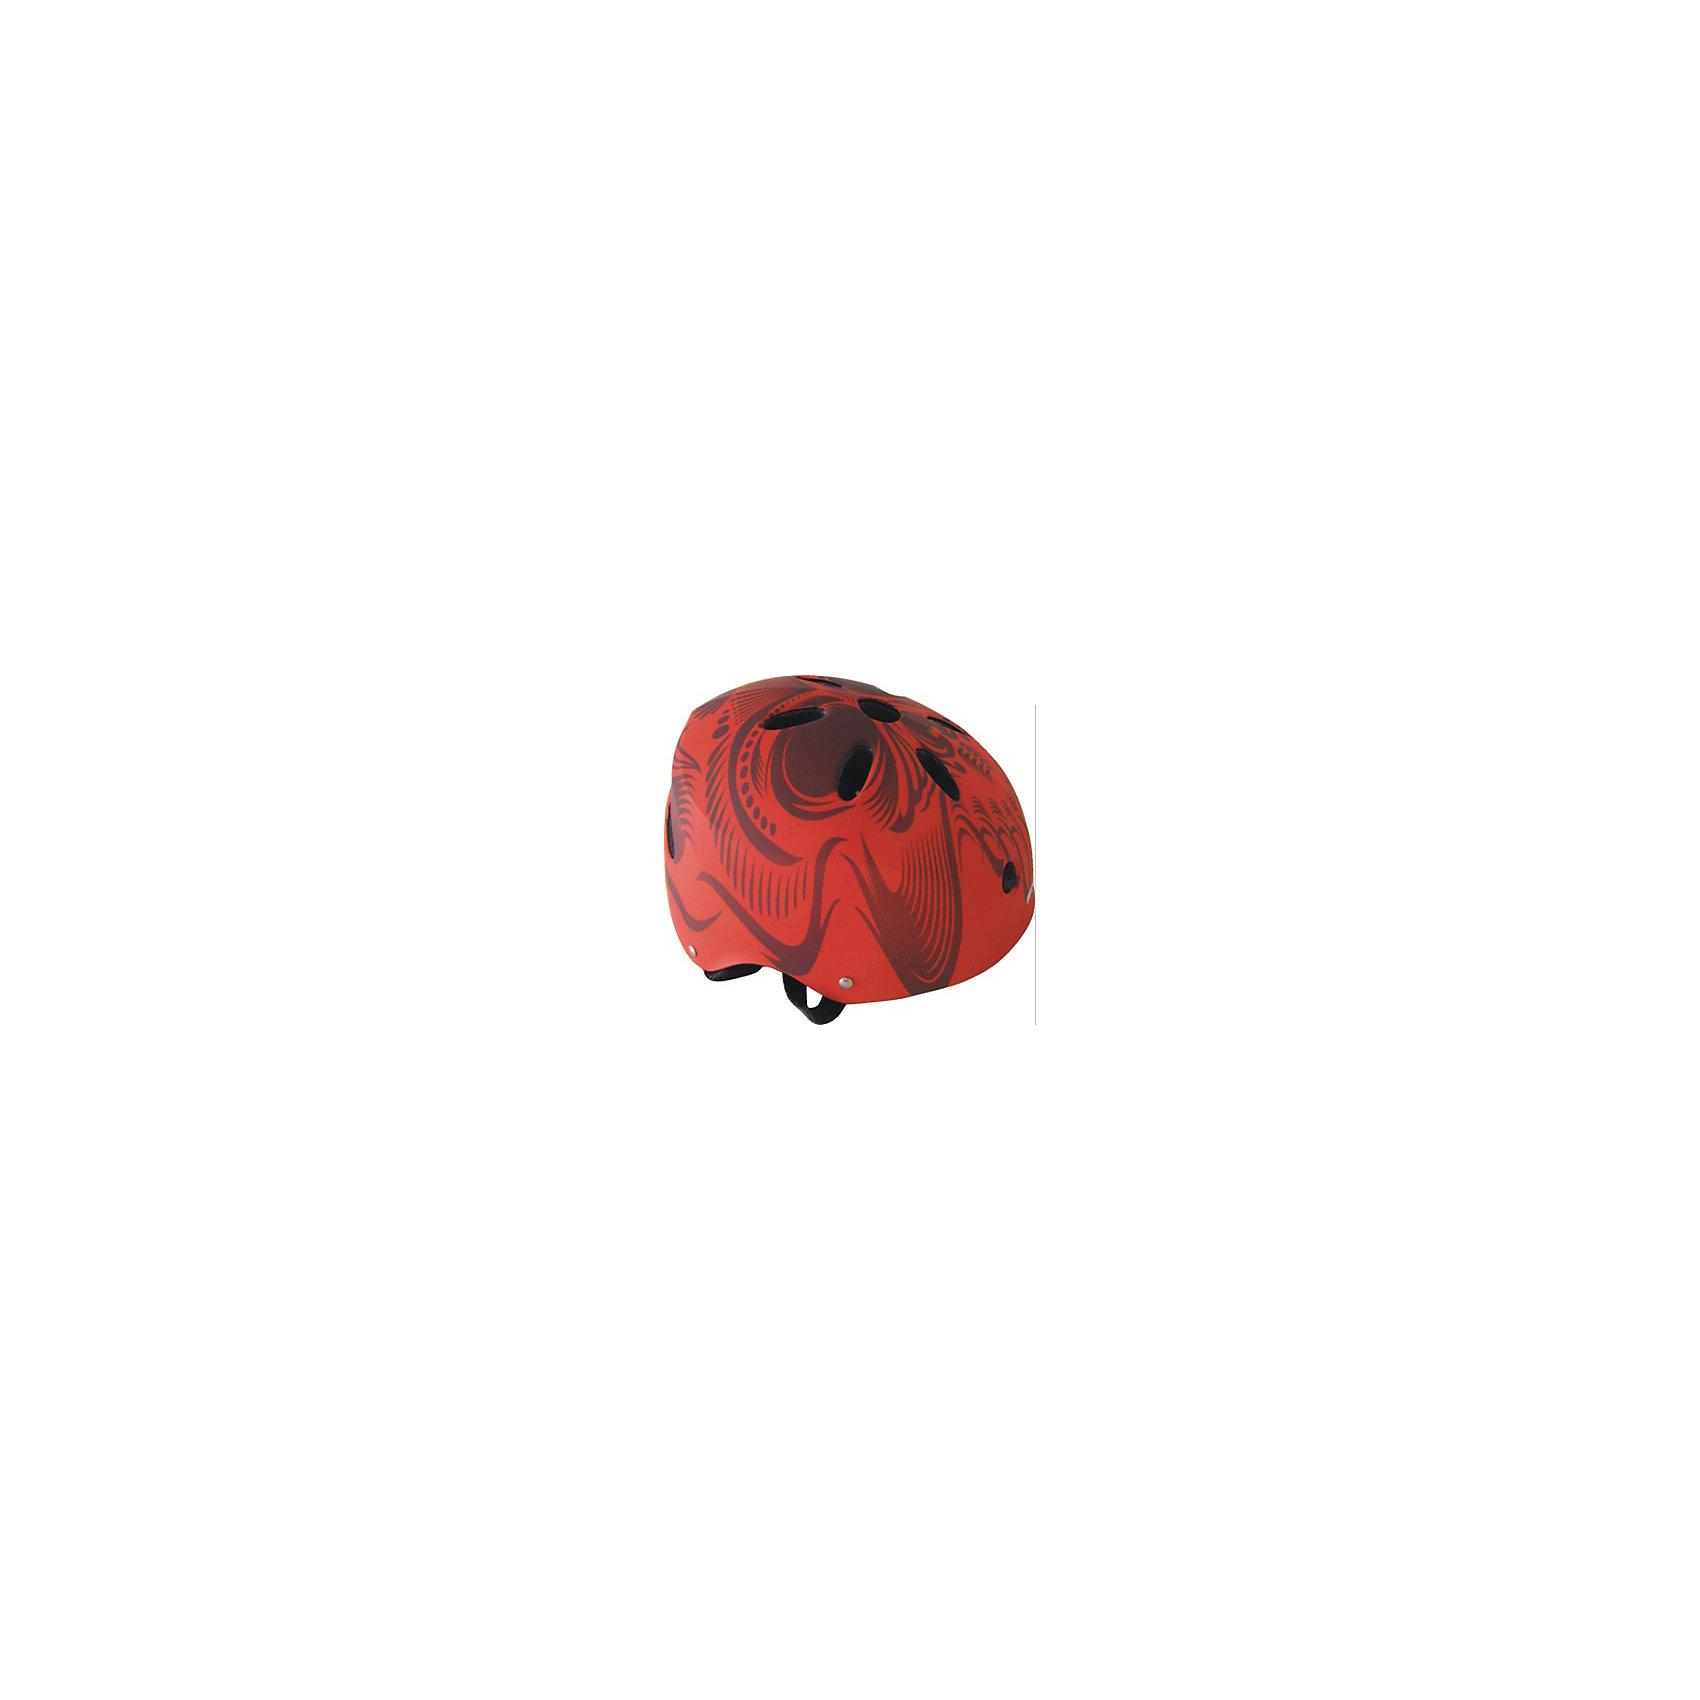 Шлем Plasma 450, размер M, Tech TeamХарактеристики:<br><br>• Предназначение: для защиты головы от травм во время катания<br>• Пол: универсальный<br>• Цвет: красный<br>• Материал: пластик <br>• Размер: 76*5,5*46 см (М)<br>• Вес: 460 г<br><br>Шлем Plasma 450, размер M, Tech Team предназначен для обеспечения защиты головы от ударов и травм во время катания ребенка на велосипеде, самокате, роликах или скейтборде. Шлем выполнен из экологически безопасного и ударопрочного пластика эргономичной формы. Шлем имеет легкий вес и удобен в уходе. Внутри шлема имеются регулируемые по длине лямки, за счет чего можно подбирать размер по голове.  Защитный шлем выполнен в ярком дизайне с вдавленными элементами и наклейками. <br><br>Шлем Plasma 450, размер M, Tech Team можно купить в нашем интернет-магазине.<br><br>Подробнее:<br>Для детей в возрасте: от 5 и до 8 лет<br>Номер товара: 4144462<br>Страна производитель: Китай<br><br>Ширина мм: 760<br>Глубина мм: 55<br>Высота мм: 460<br>Вес г: 460<br>Возраст от месяцев: 60<br>Возраст до месяцев: 96<br>Пол: Унисекс<br>Возраст: Детский<br>SKU: 4144462